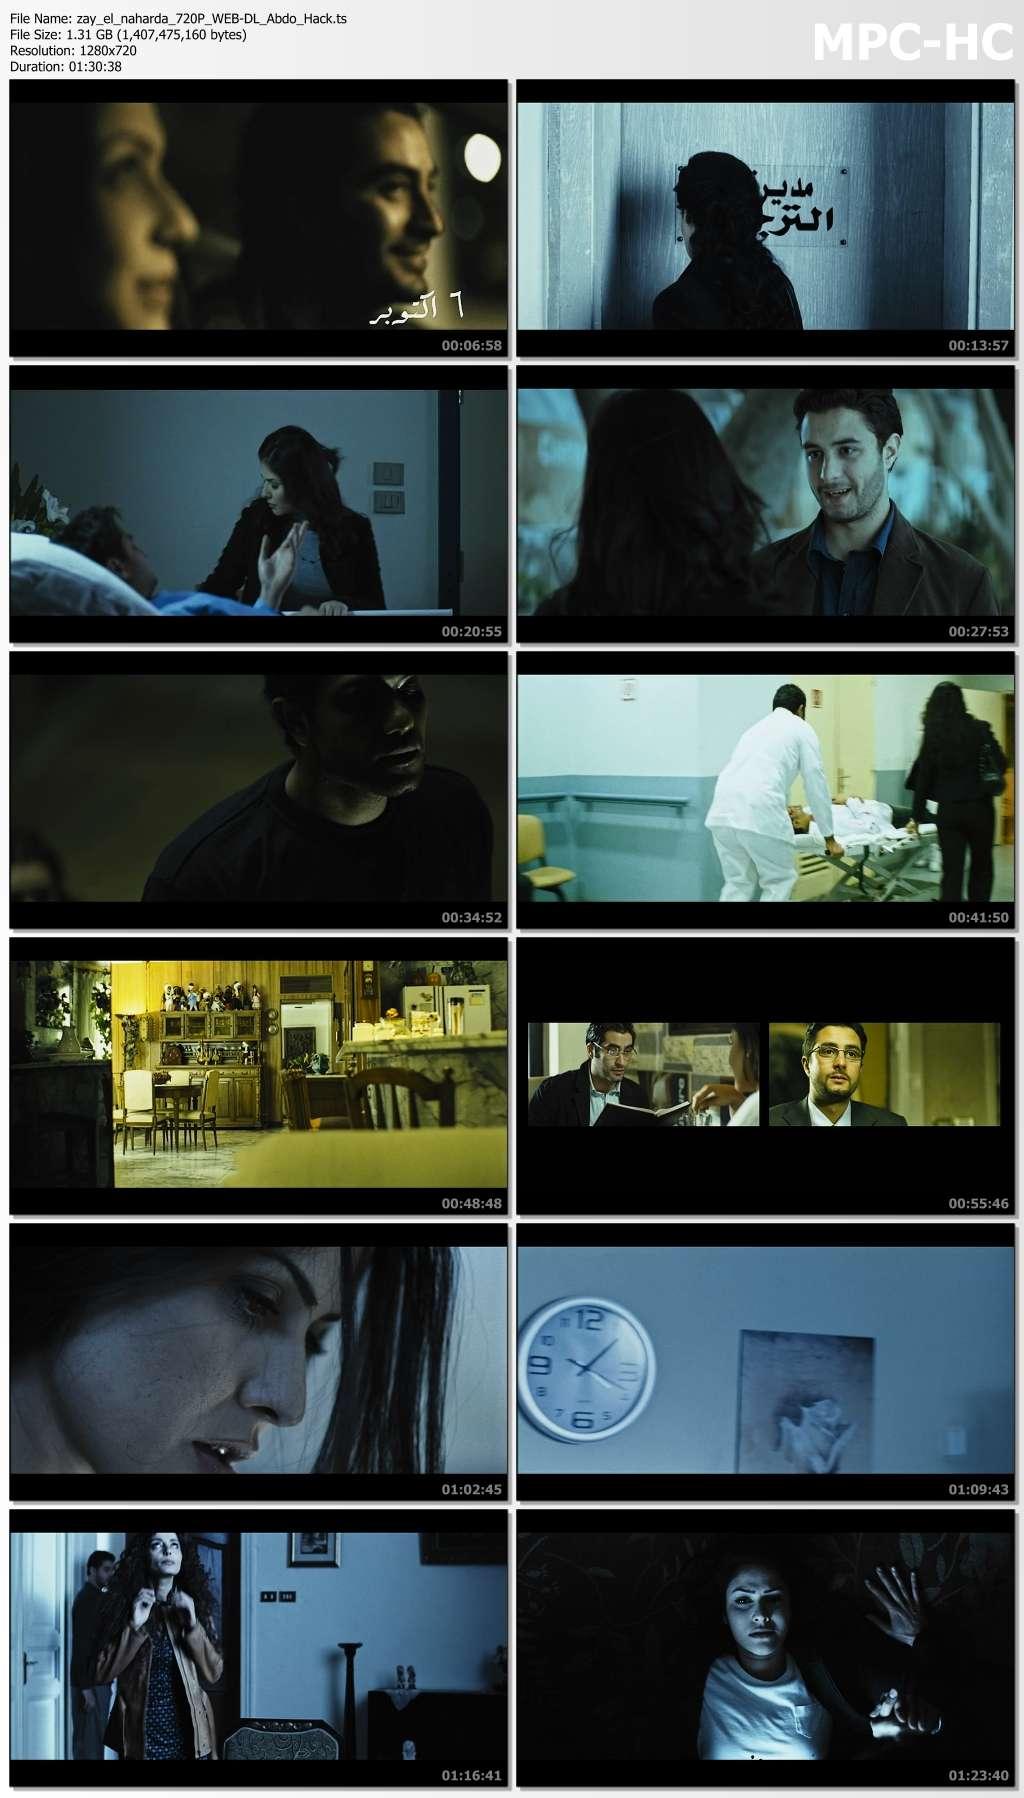 [فيلم][تورنت][تحميل][زي النهاردة][2008][720p][Web-DL] 6 arabp2p.com